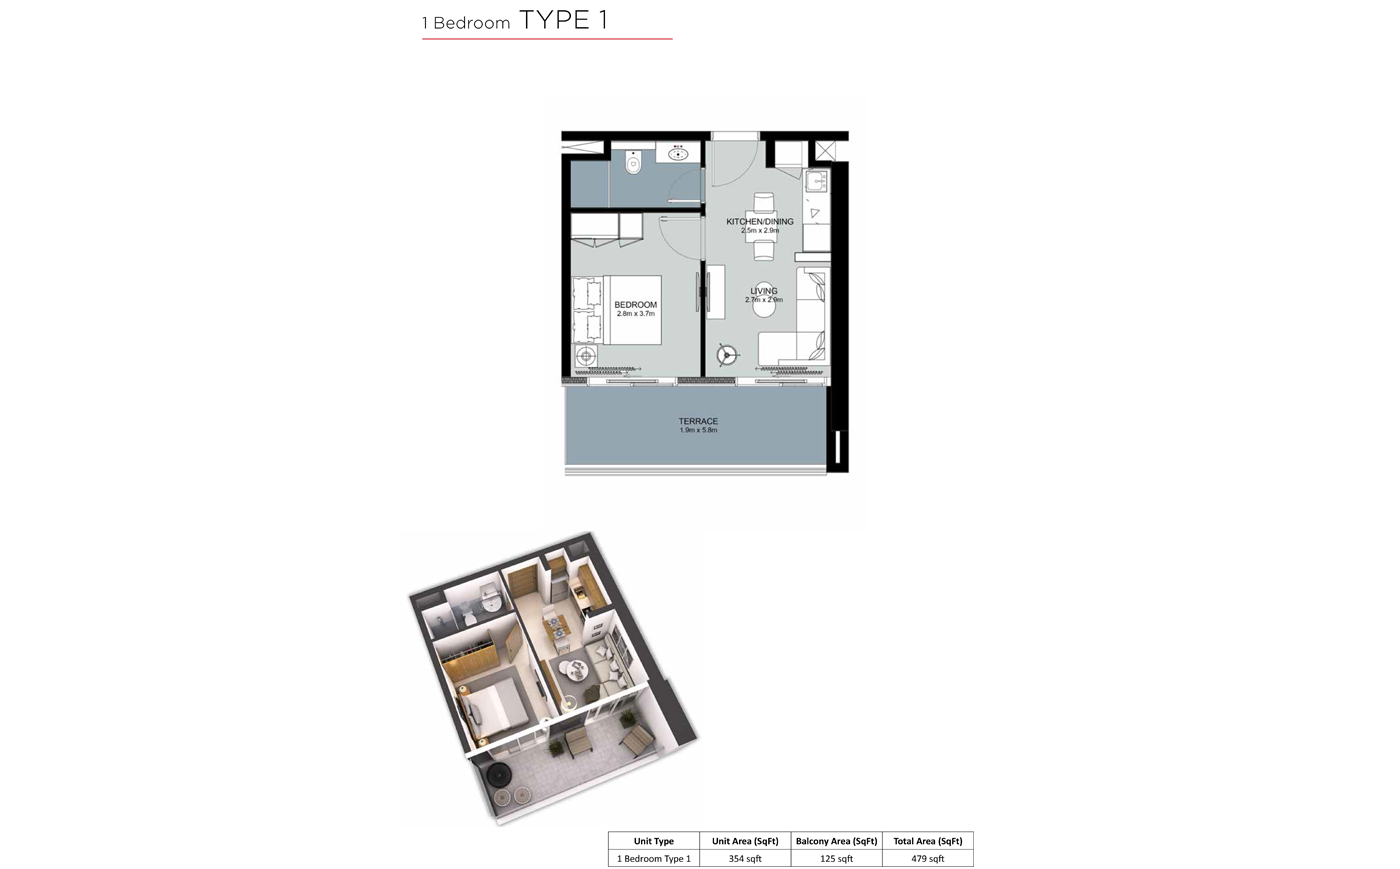 غرفة نوم  واحدة،  نوع 1، حجم 479 قدم مربع